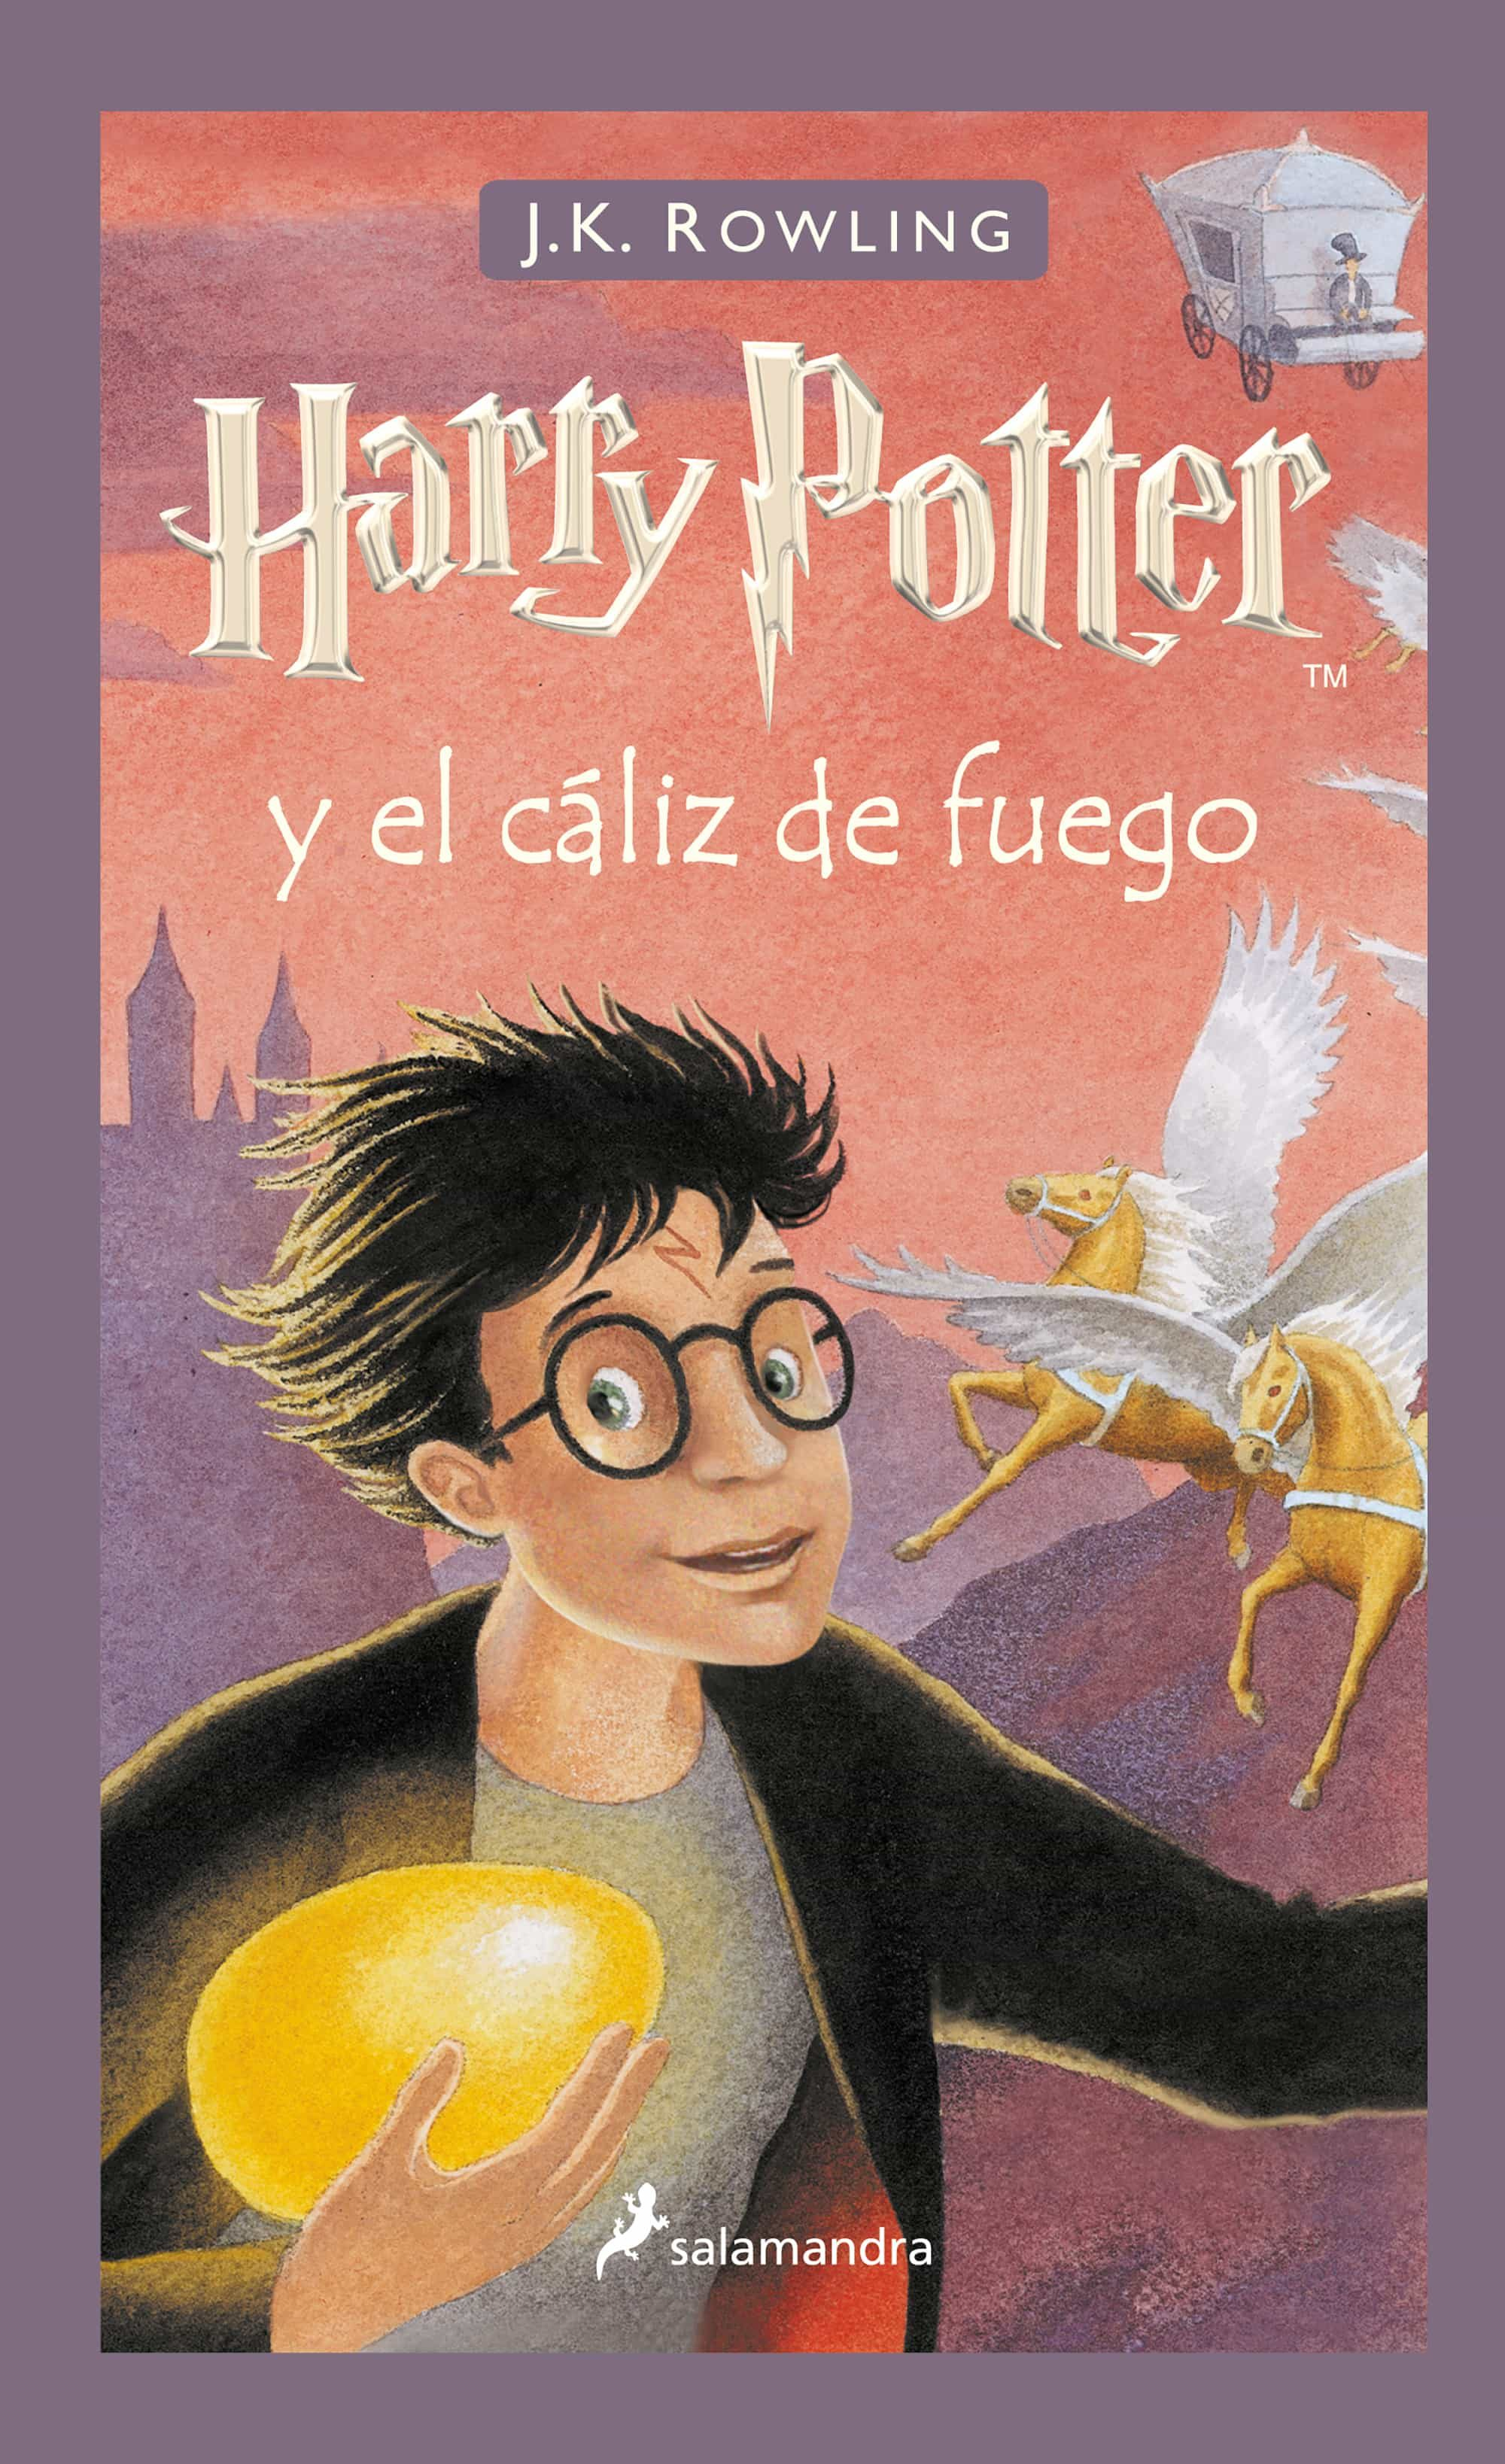 Resultado de imagen de Harry potter y caliz libro